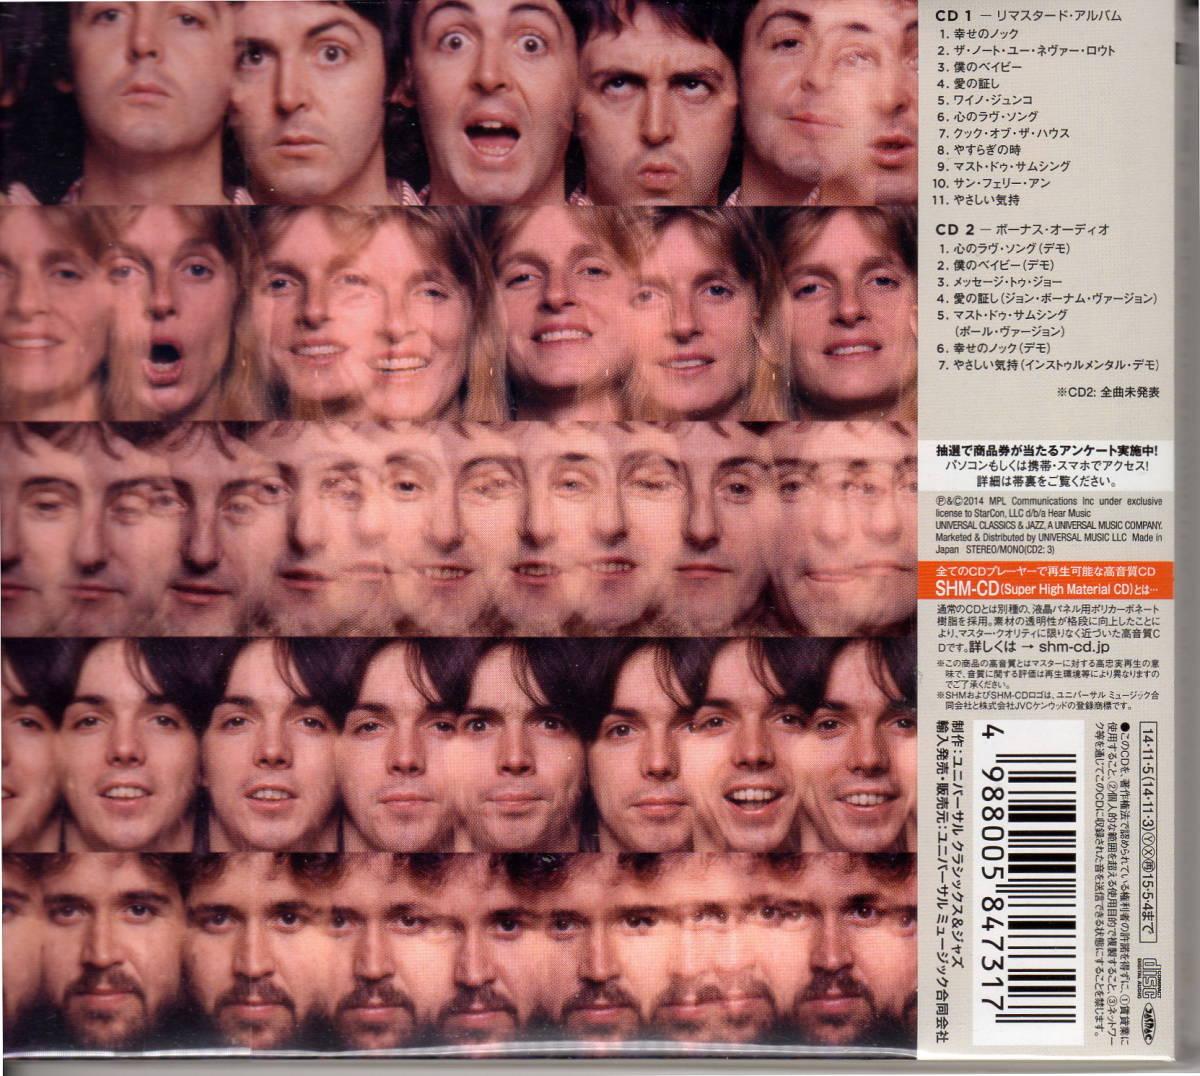 ♪♪未開封【SHM-CD】Wings At The Speed Of Sound(2CD)(デラックス・エディション)/Paul McCartney & Wings♪♪_画像2